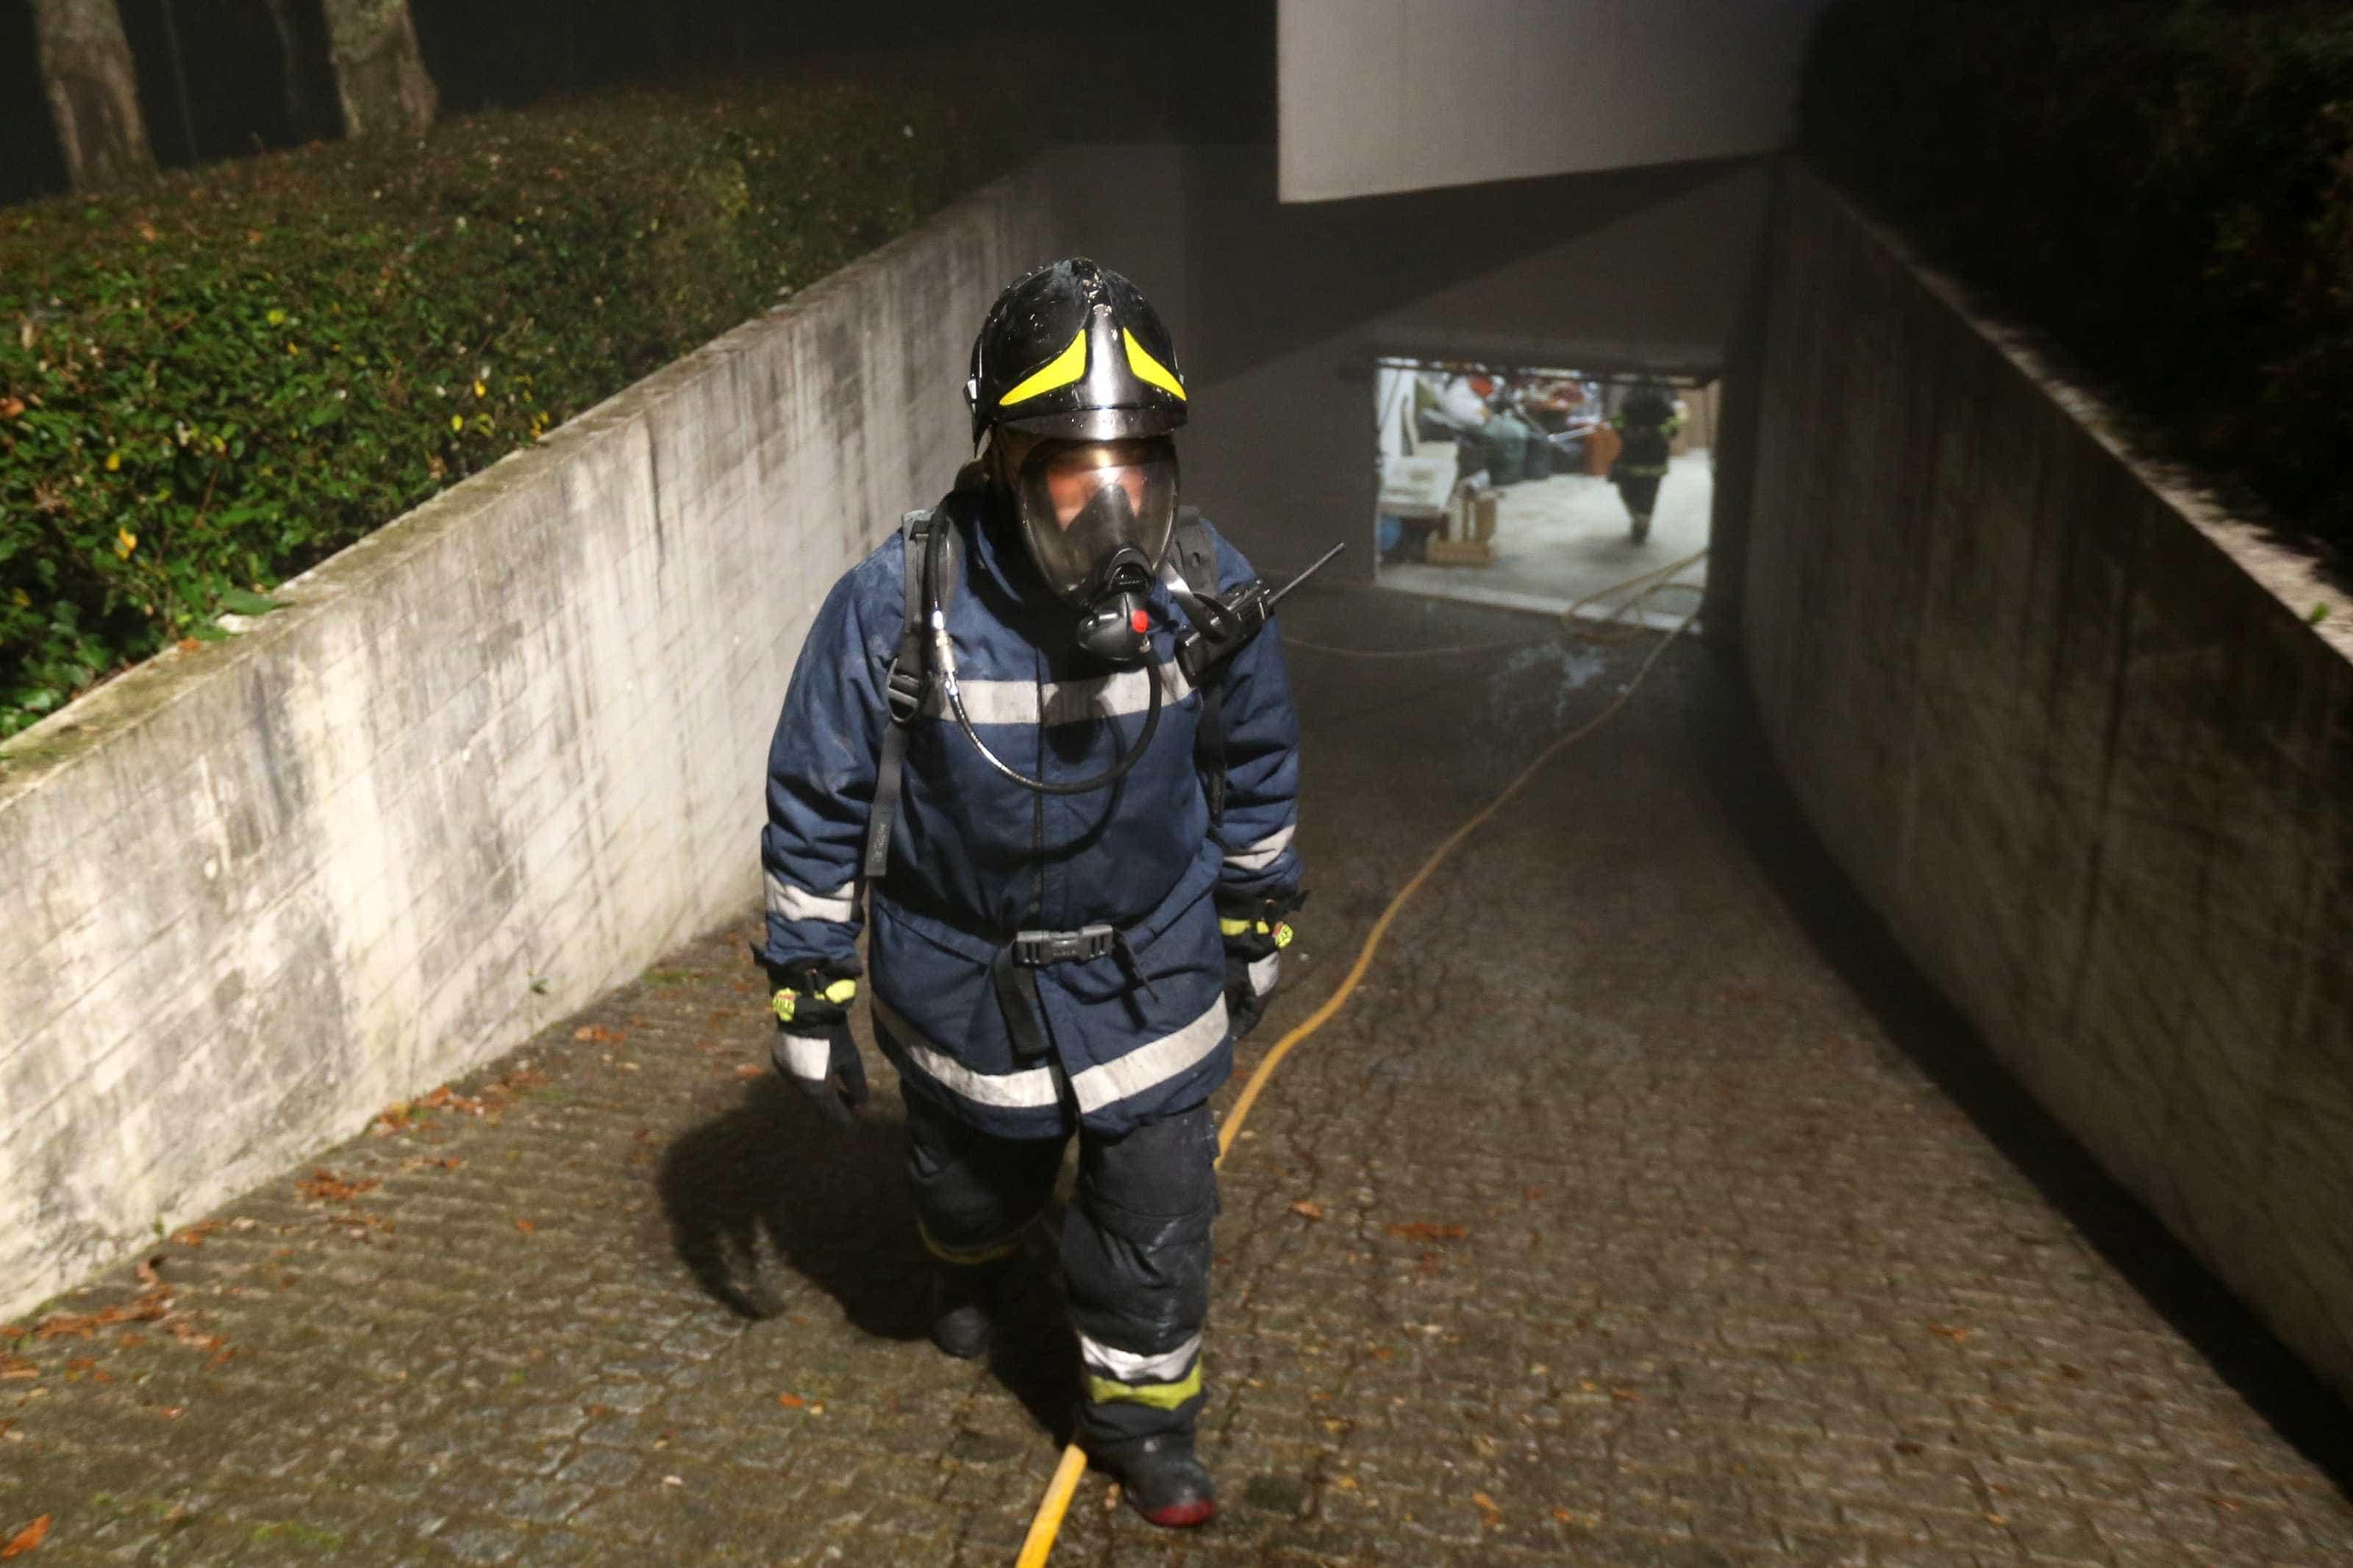 Carro incendeia-se em parque subterrâneo de estação em Gaia